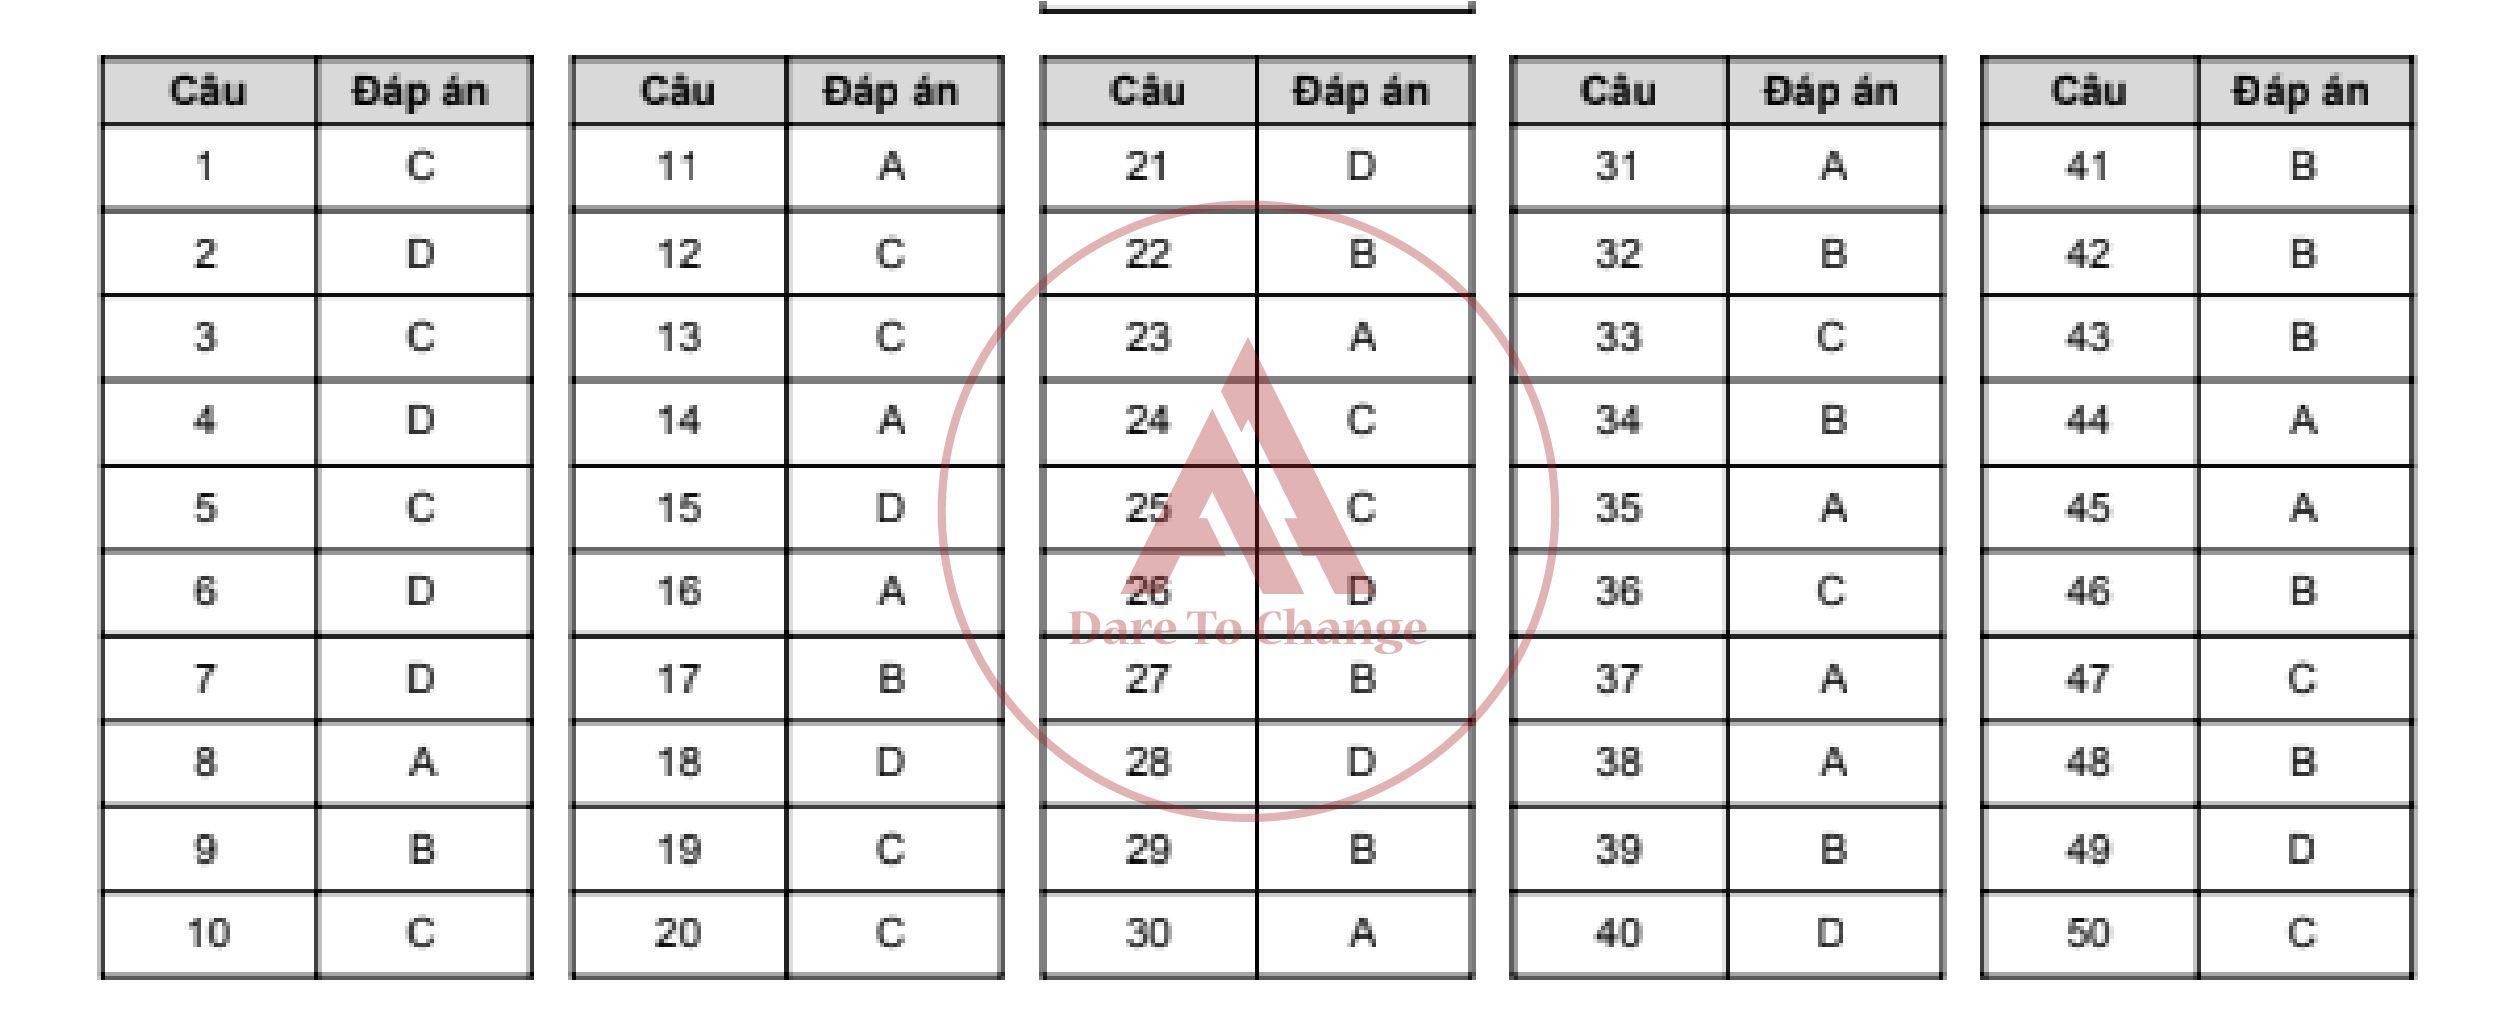 Đáp án đề thi thử kì thi thpt quốc gia 2019 - anh ngữ athena